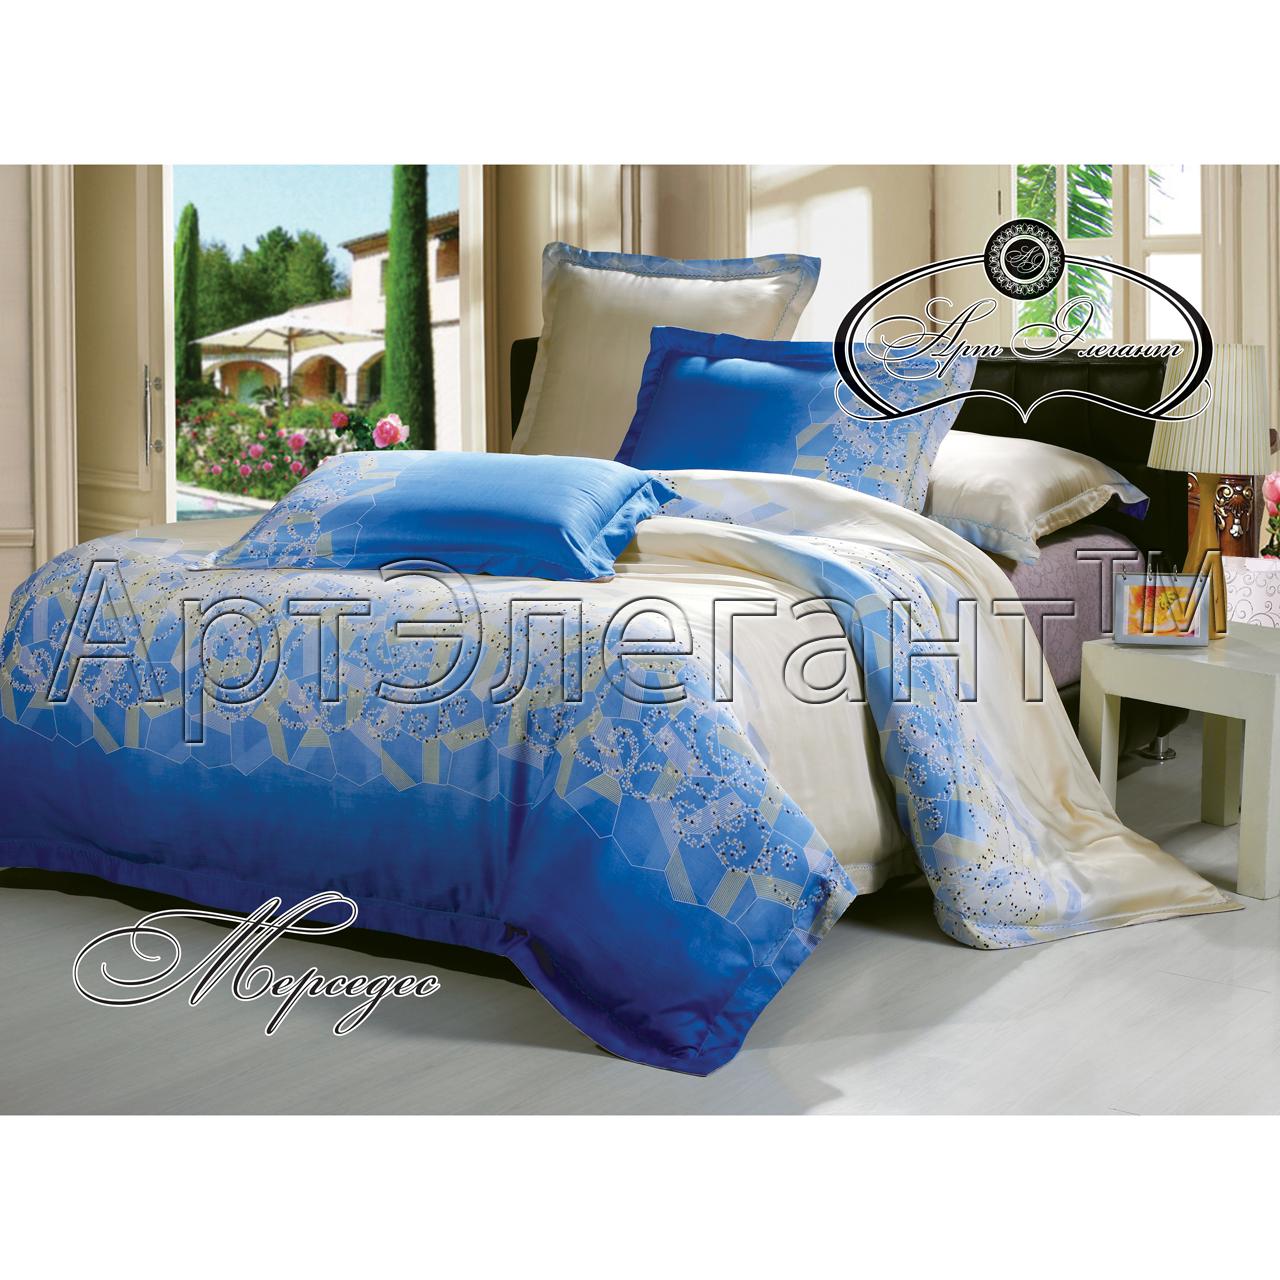 Комплект  Мерседес , размер 2,0-спальный с 4 наволочками - Постельное белье артикул: 10783